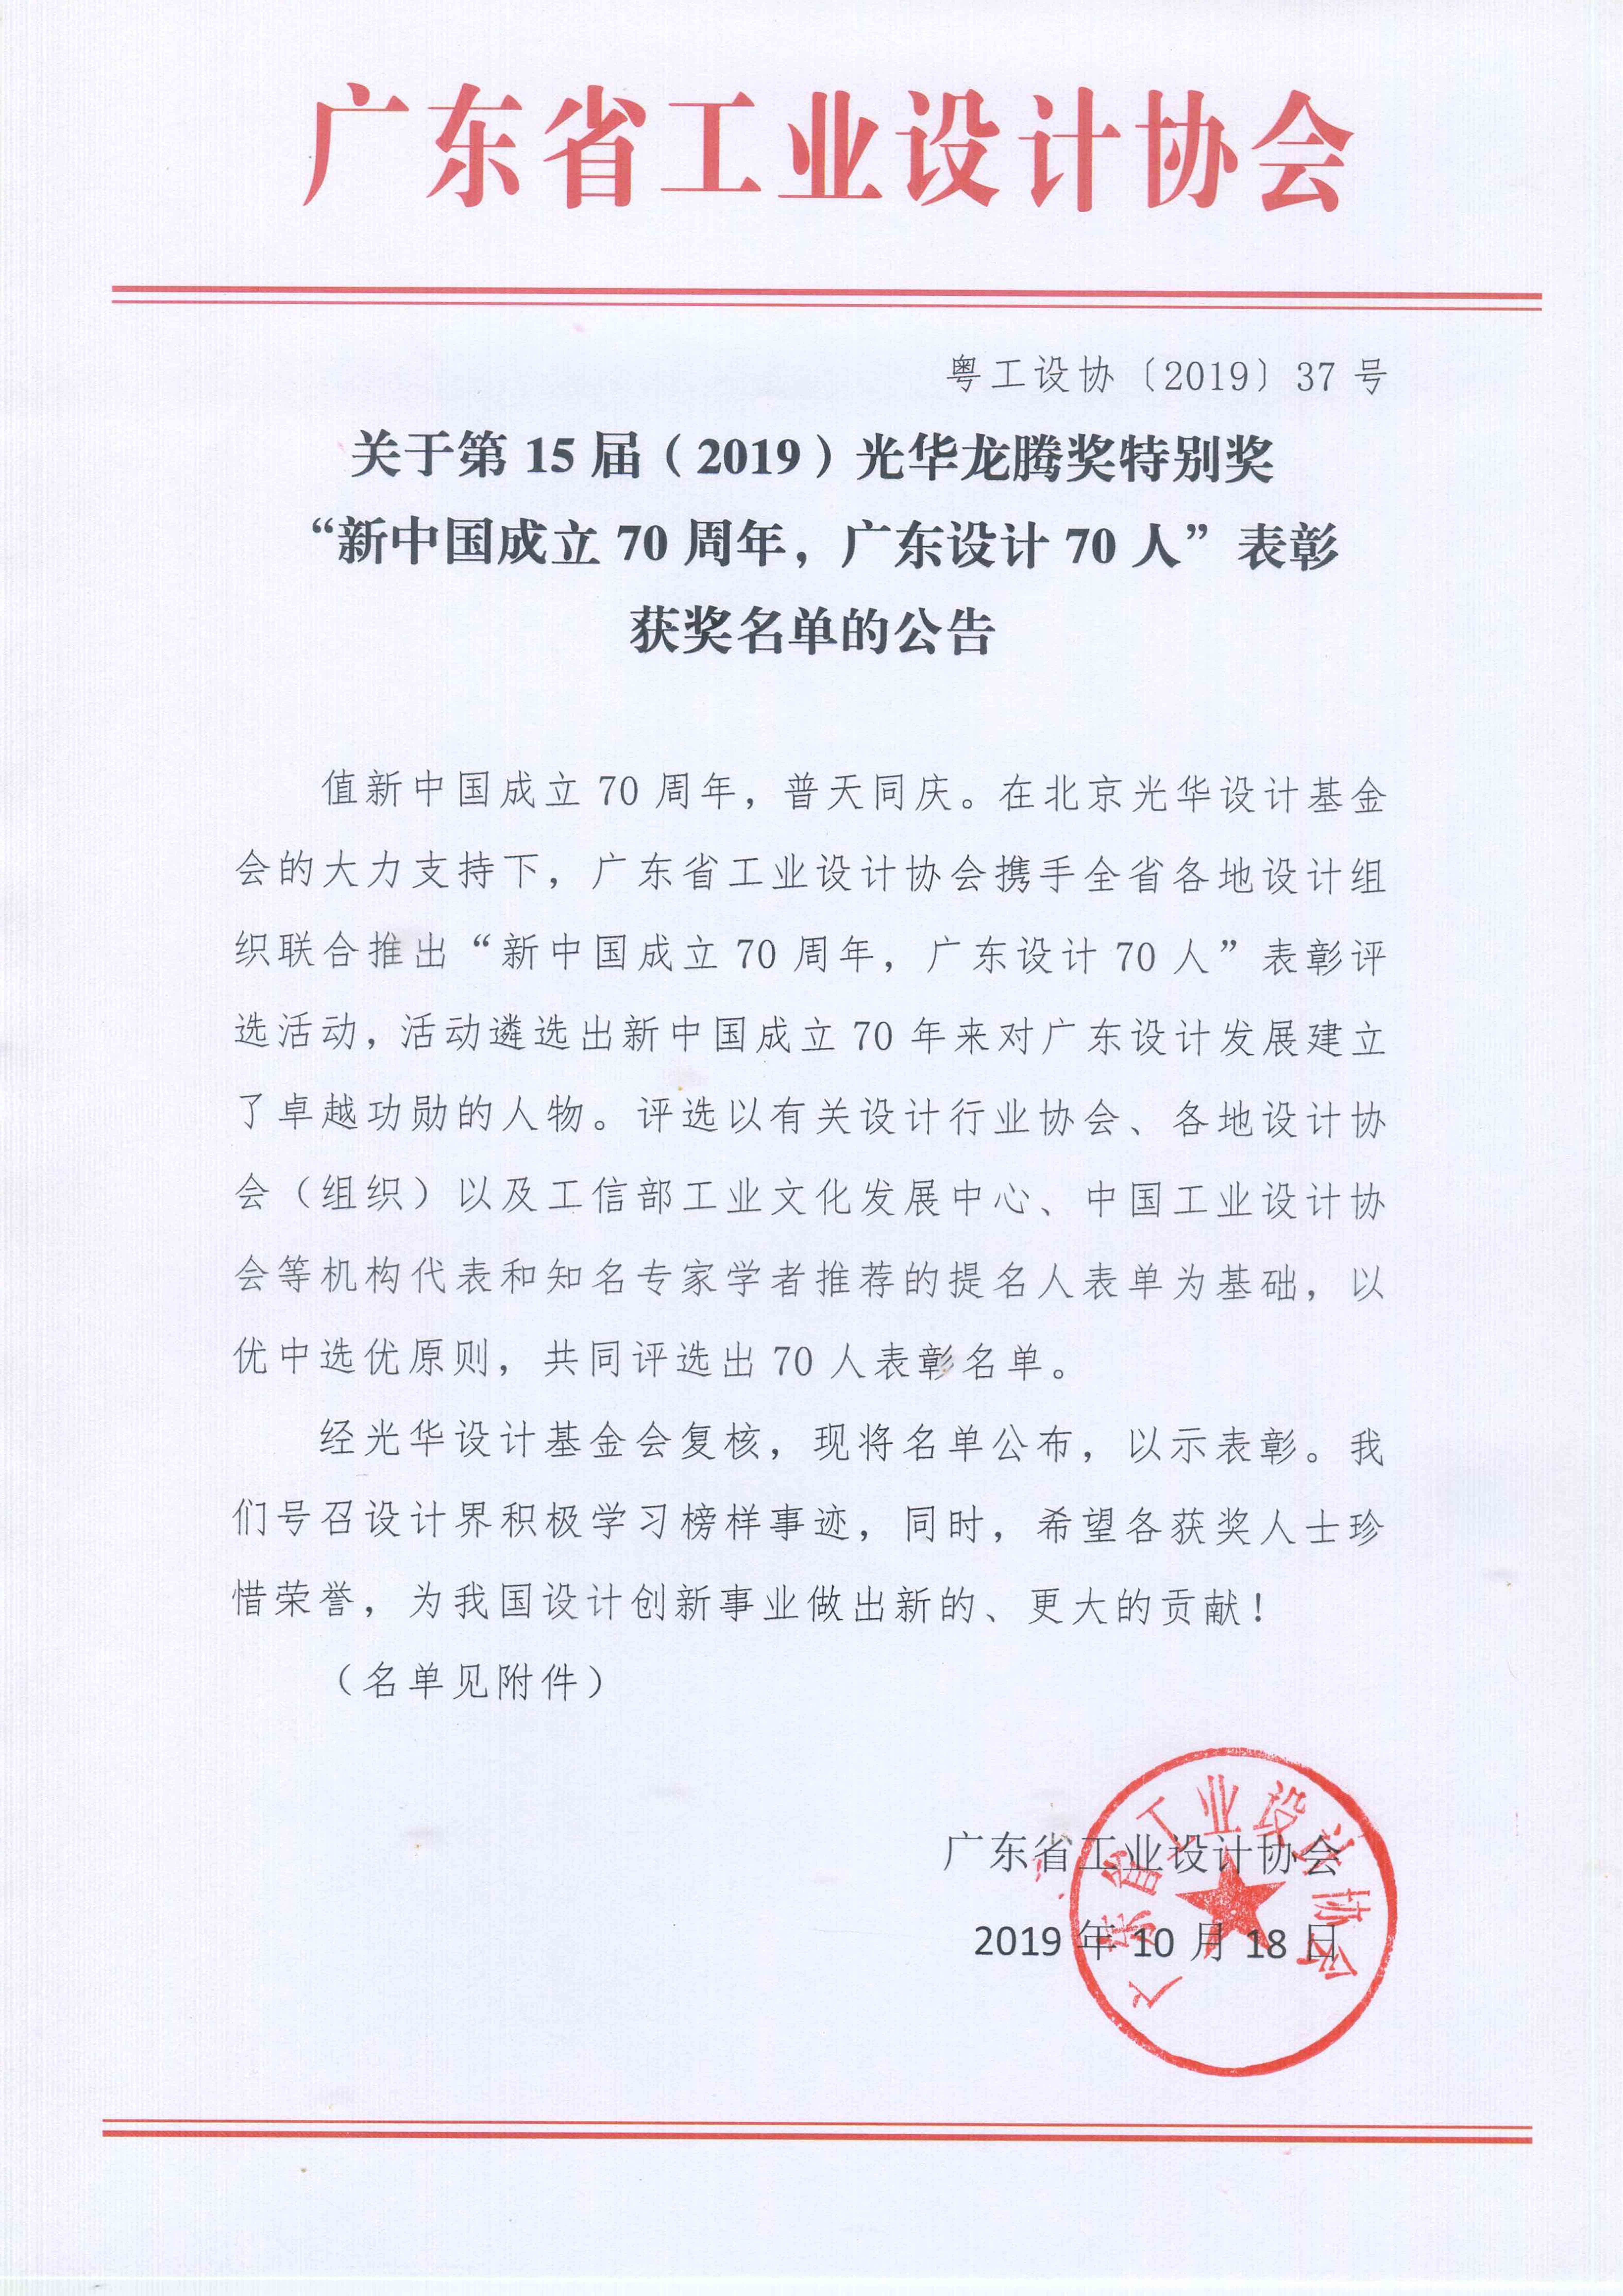 """关于第15届(2019)光华龙腾奖特别奖""""新中国成立70周年,广东设计70人""""表彰获奖名单的公告"""